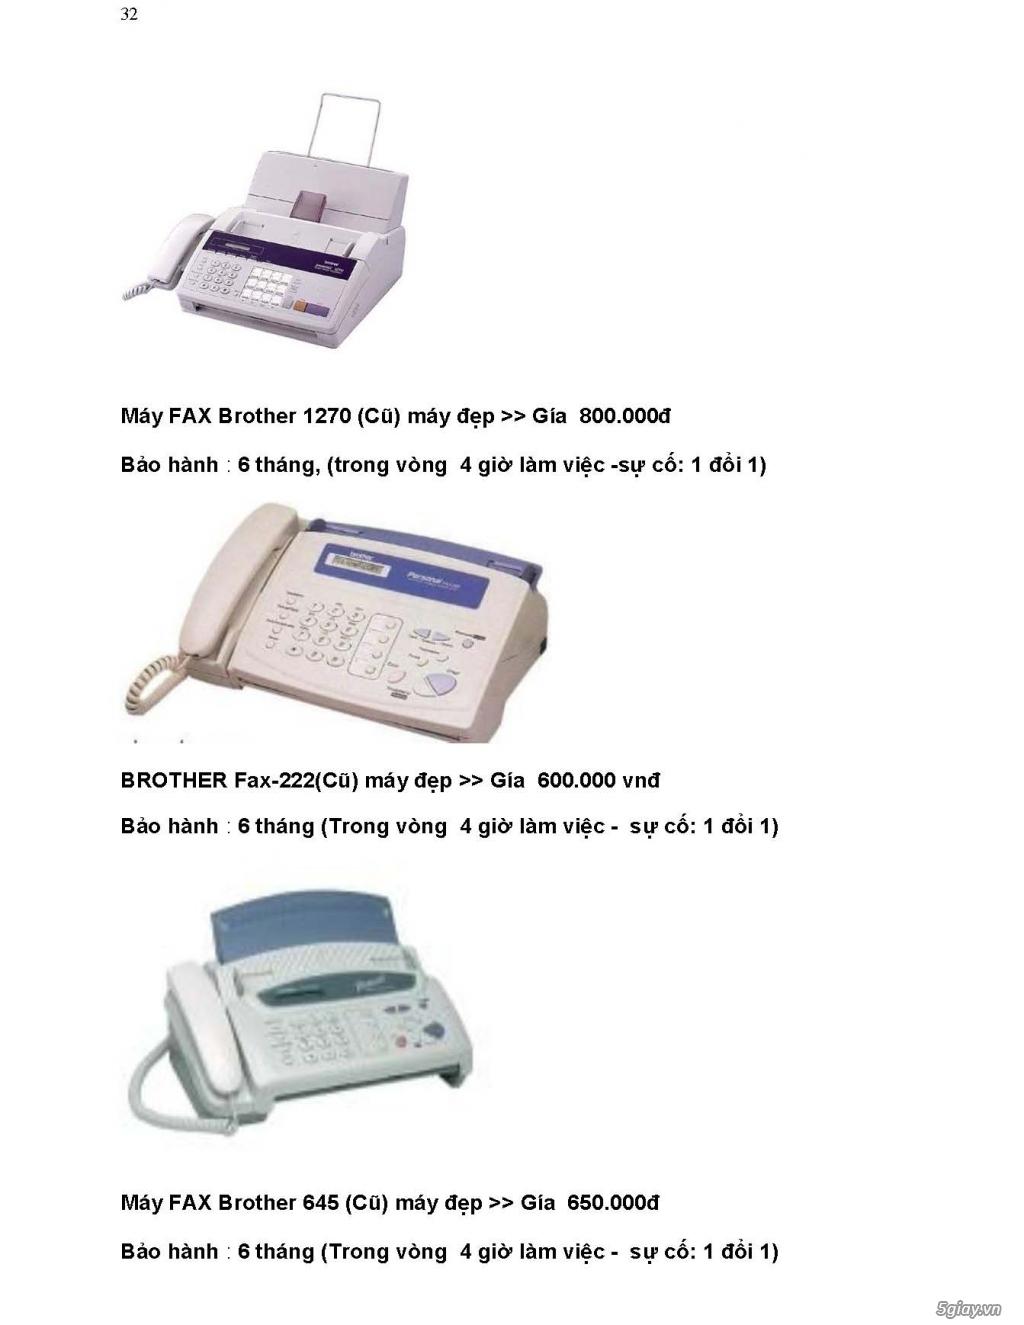 Sửa chữa Bộ Đàm,Máy Fax,Tổng Đài - 43